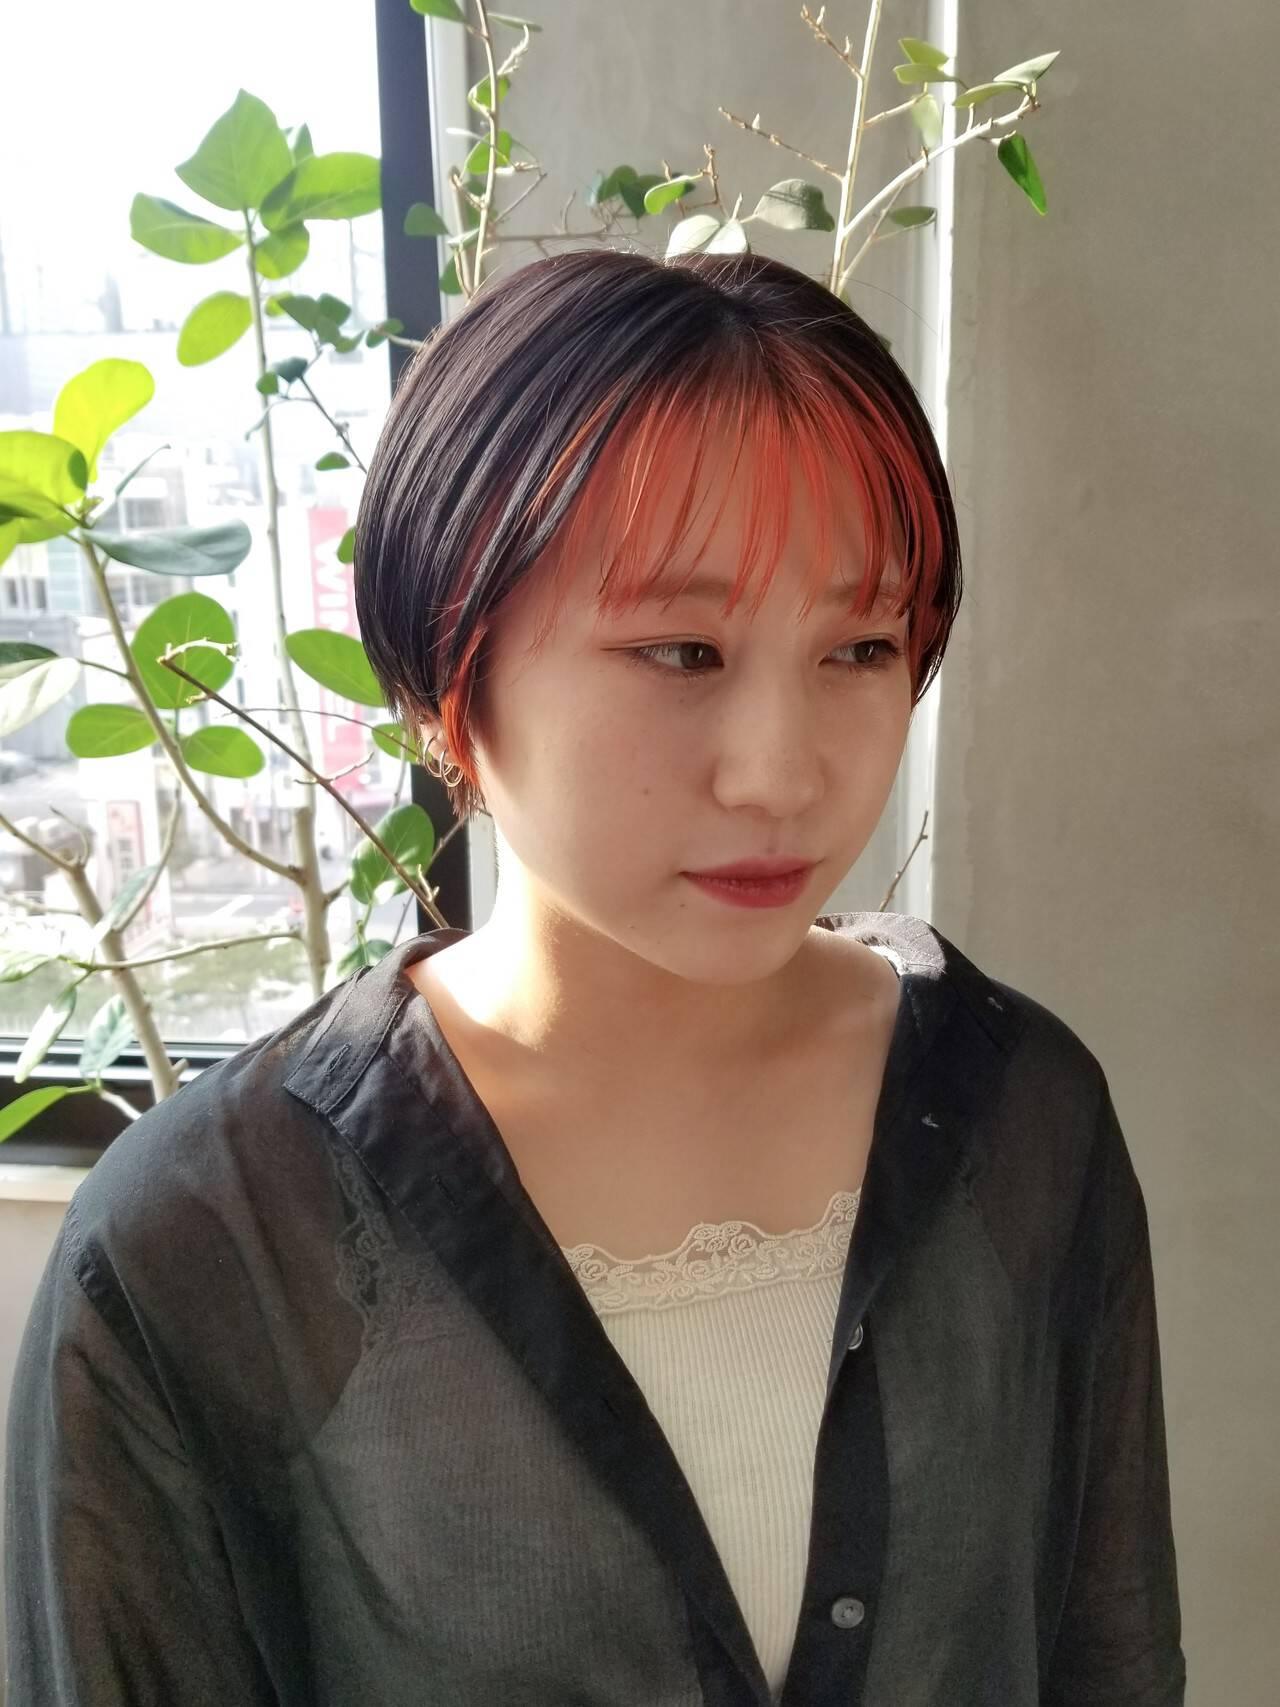 ベリーショート ストリート 前髪インナーカラー オレンジカラーヘアスタイルや髪型の写真・画像